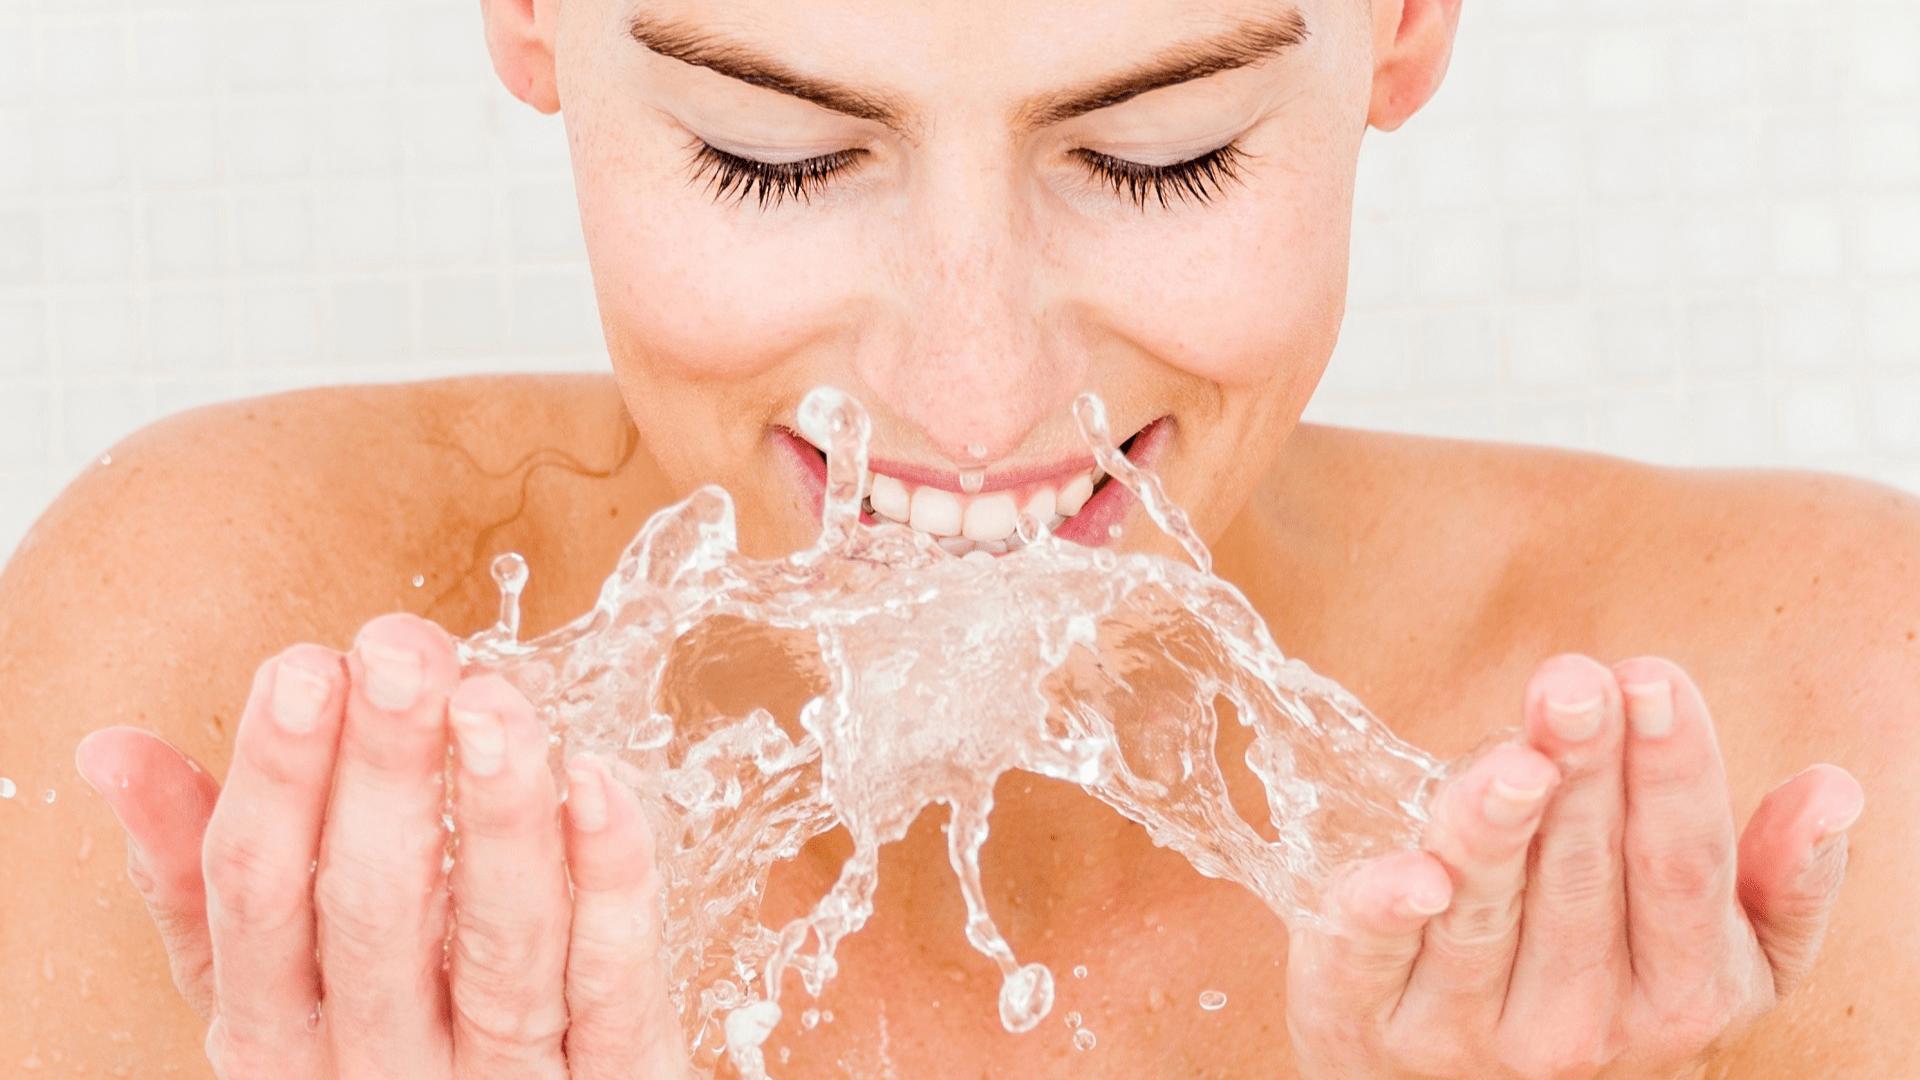 Junge Frau wäscht sich Gesicht mit Wasser.